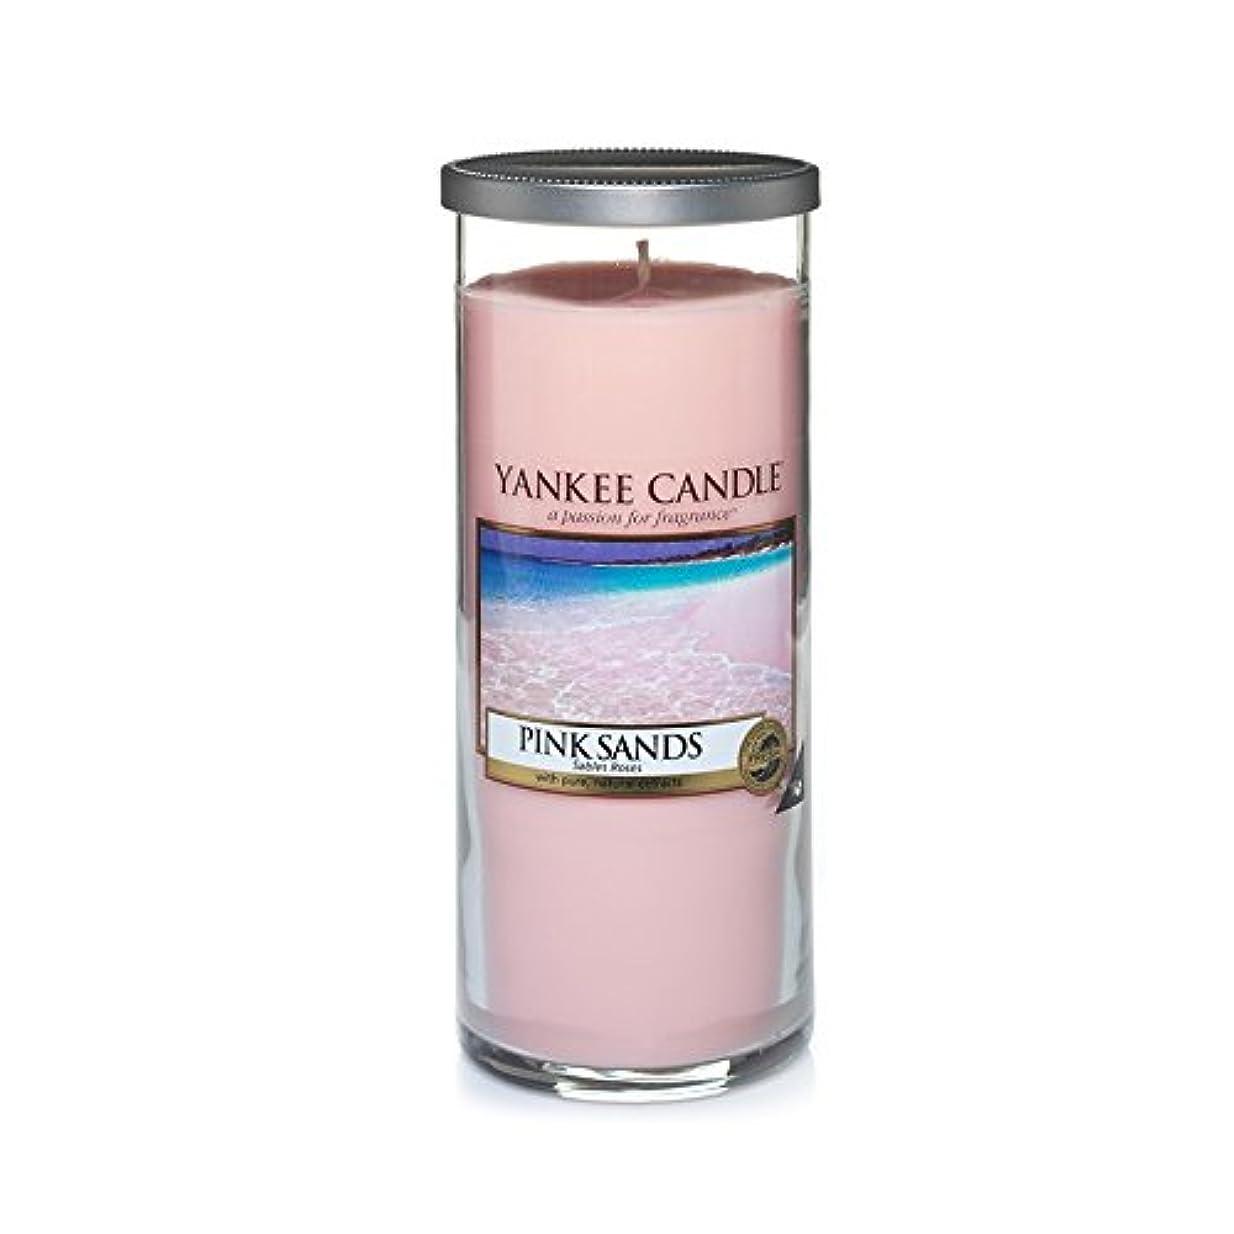 交通増幅親指Yankee Candles Large Pillar Candle - Pink Sands? (Pack of 2) - ヤンキーキャンドル大きな柱キャンドル - ピンクの砂? (x2) [並行輸入品]